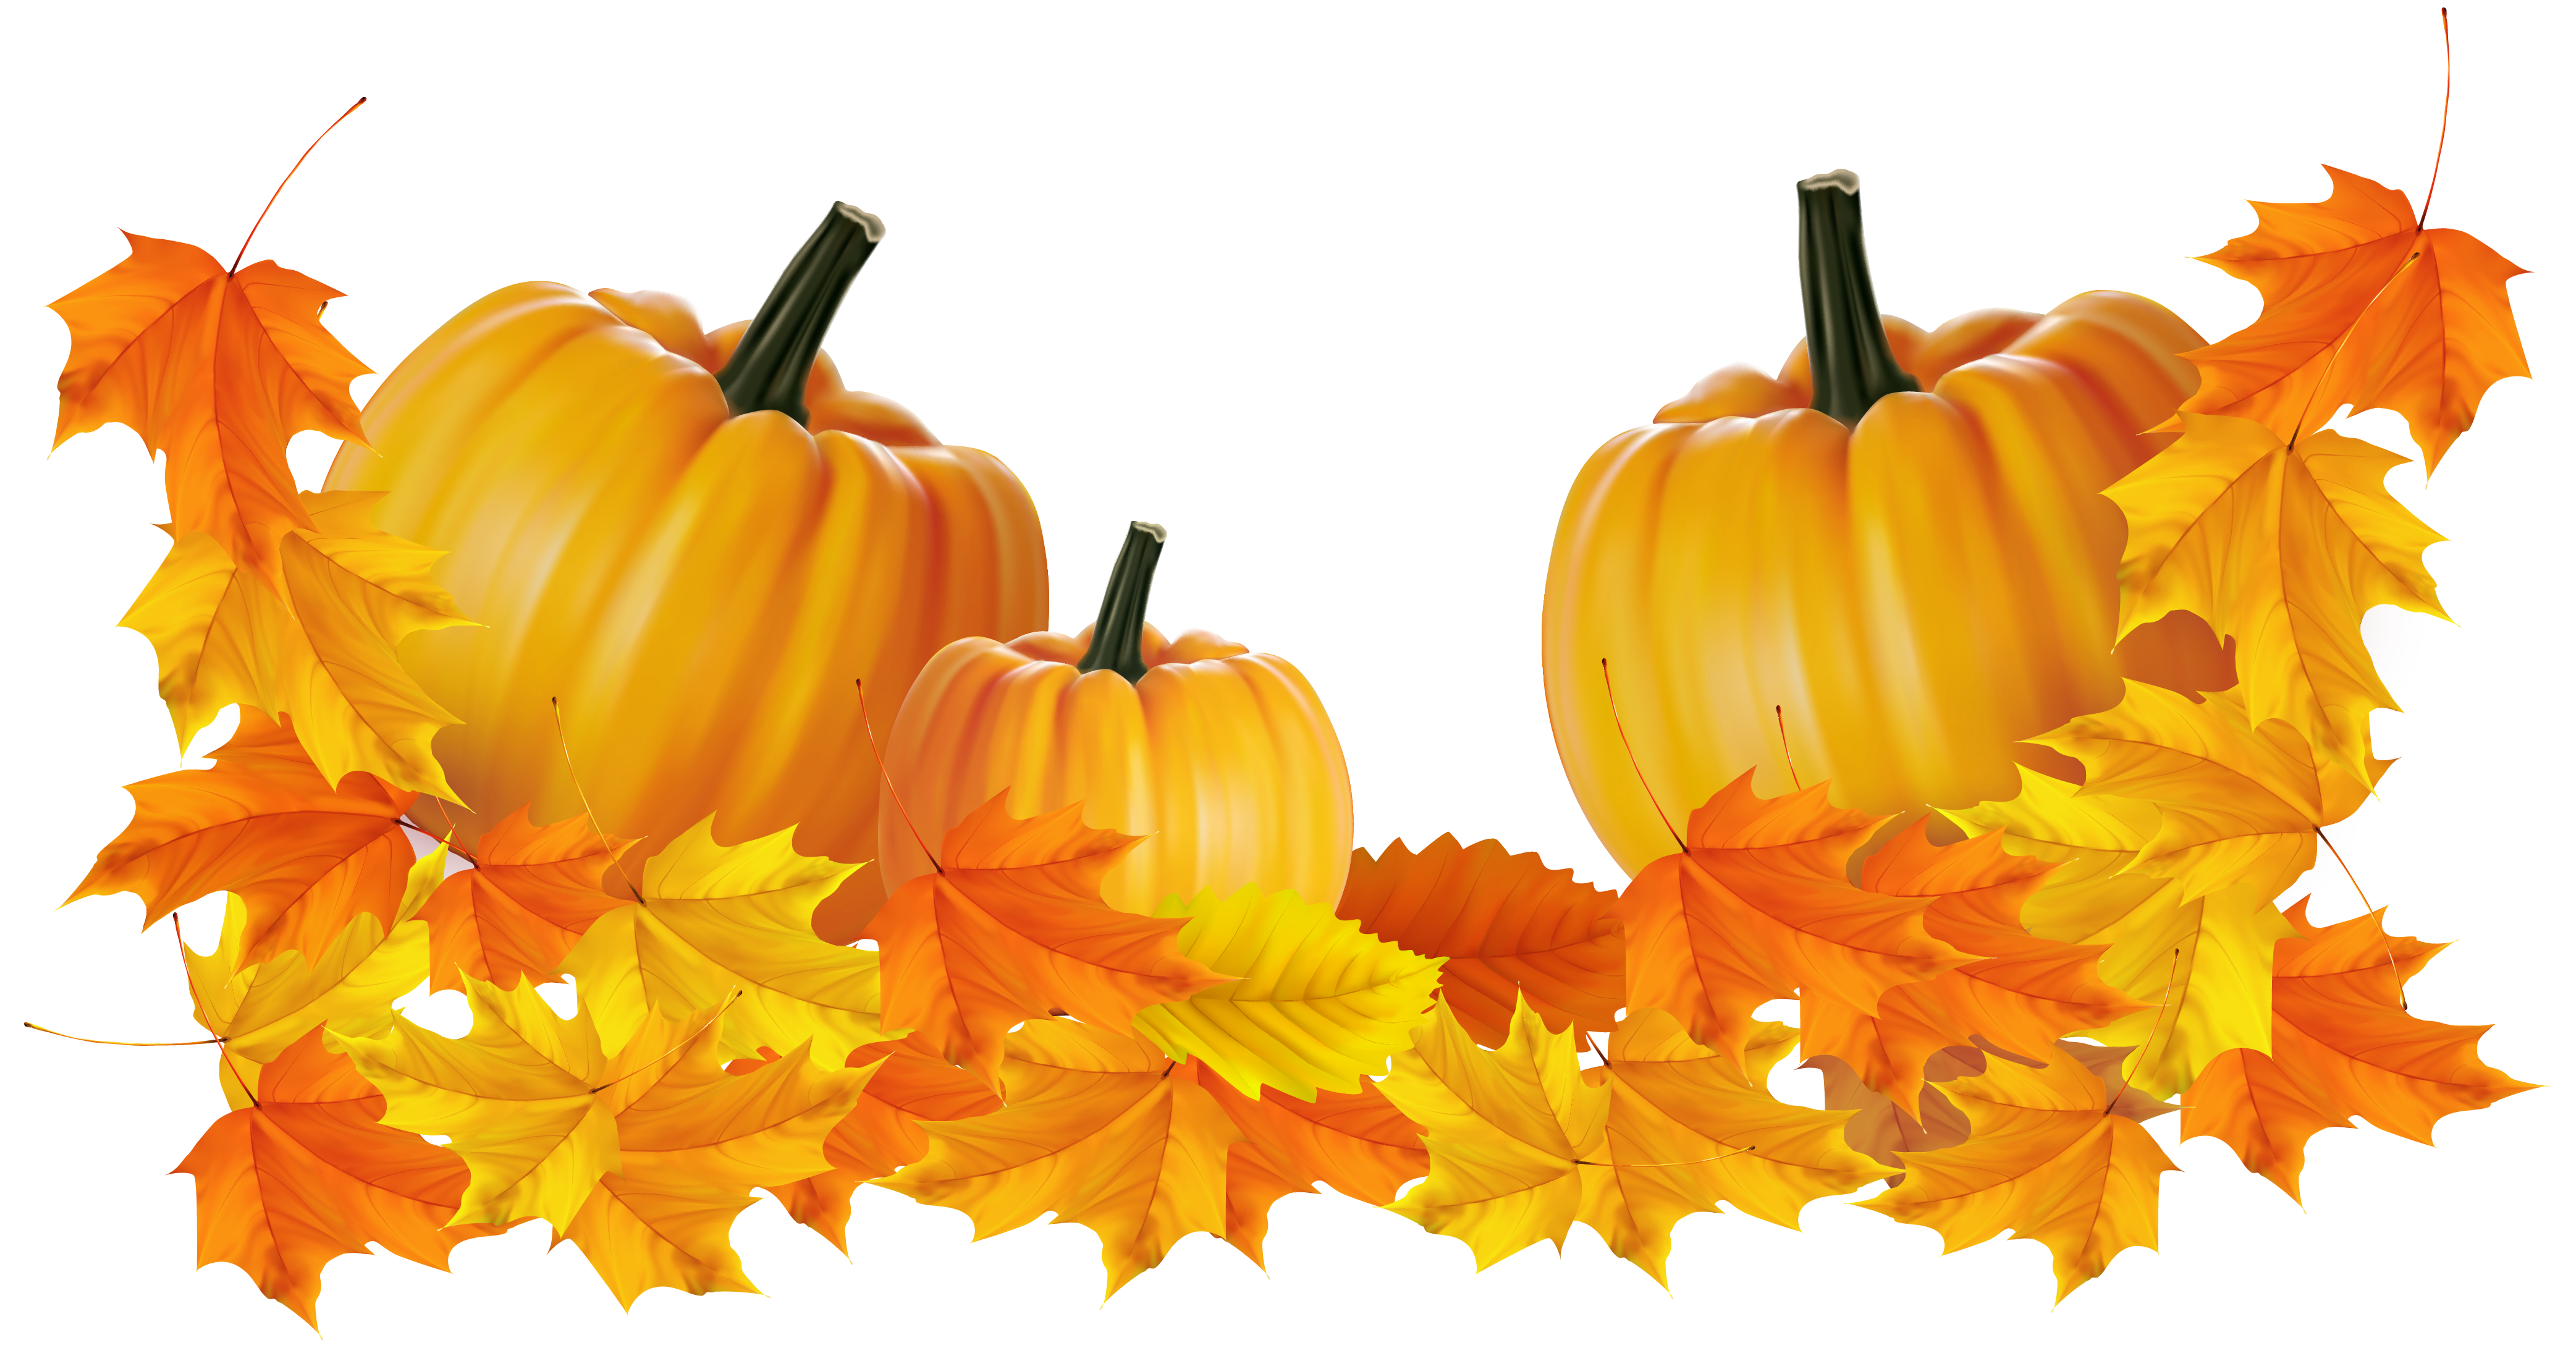 Clipart Png Pumpkin